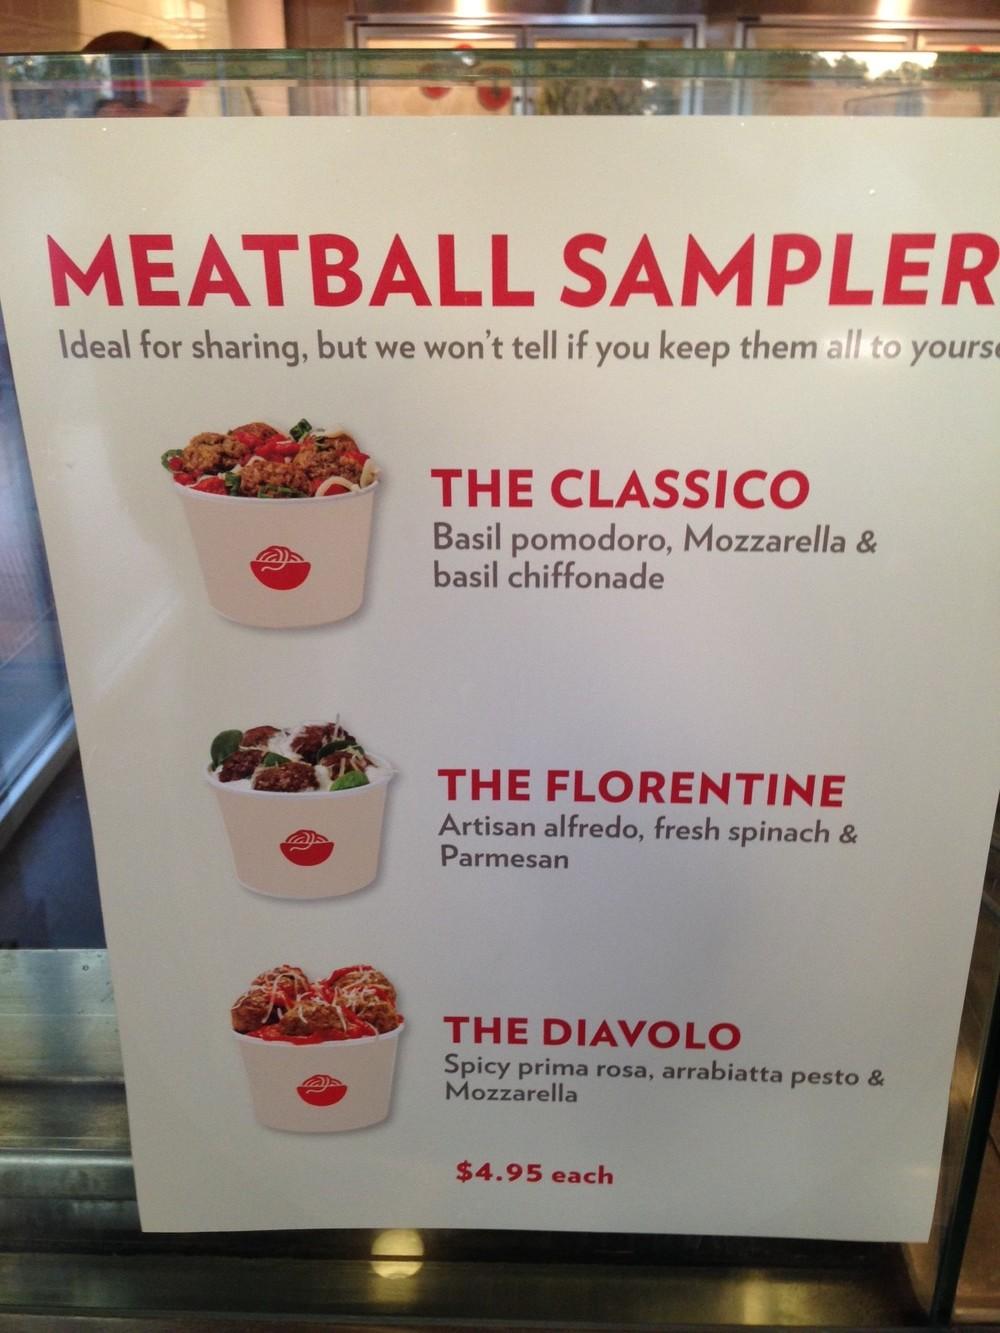 Meatball-sampler.jpg